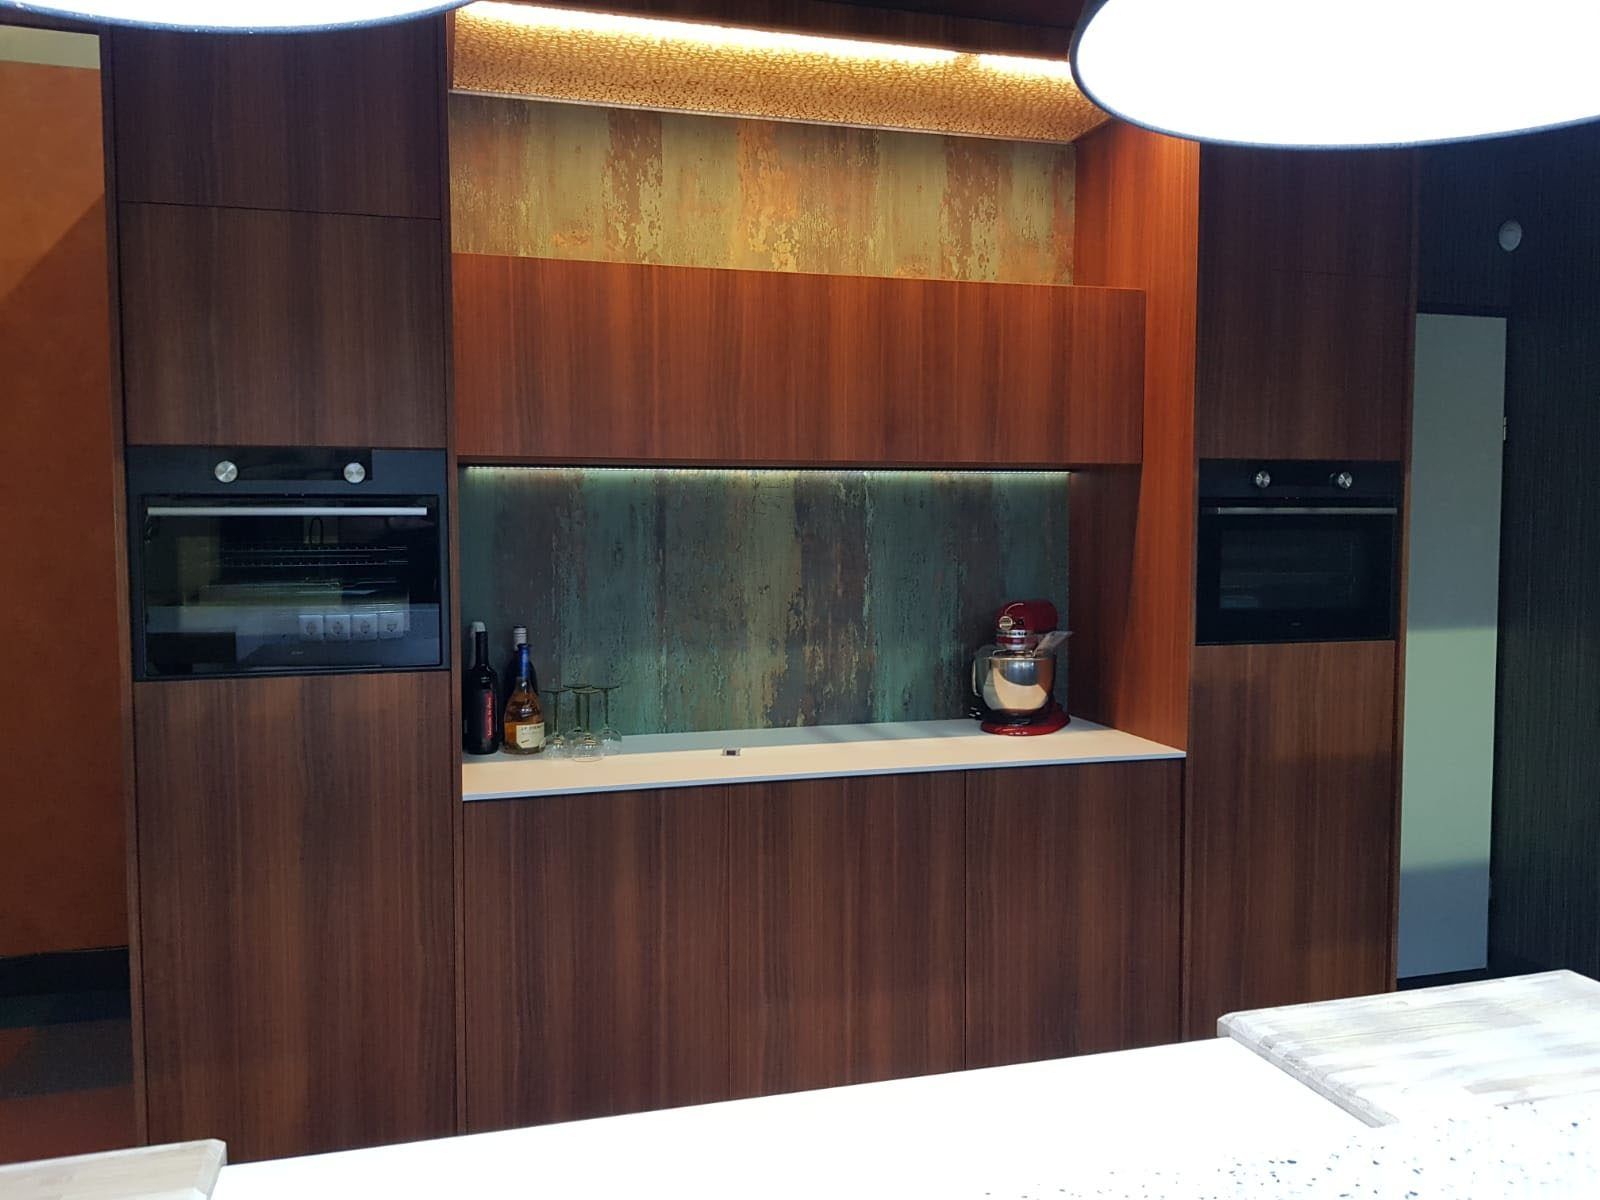 DecoLegno-HPL Specials-forest green - keuken 2